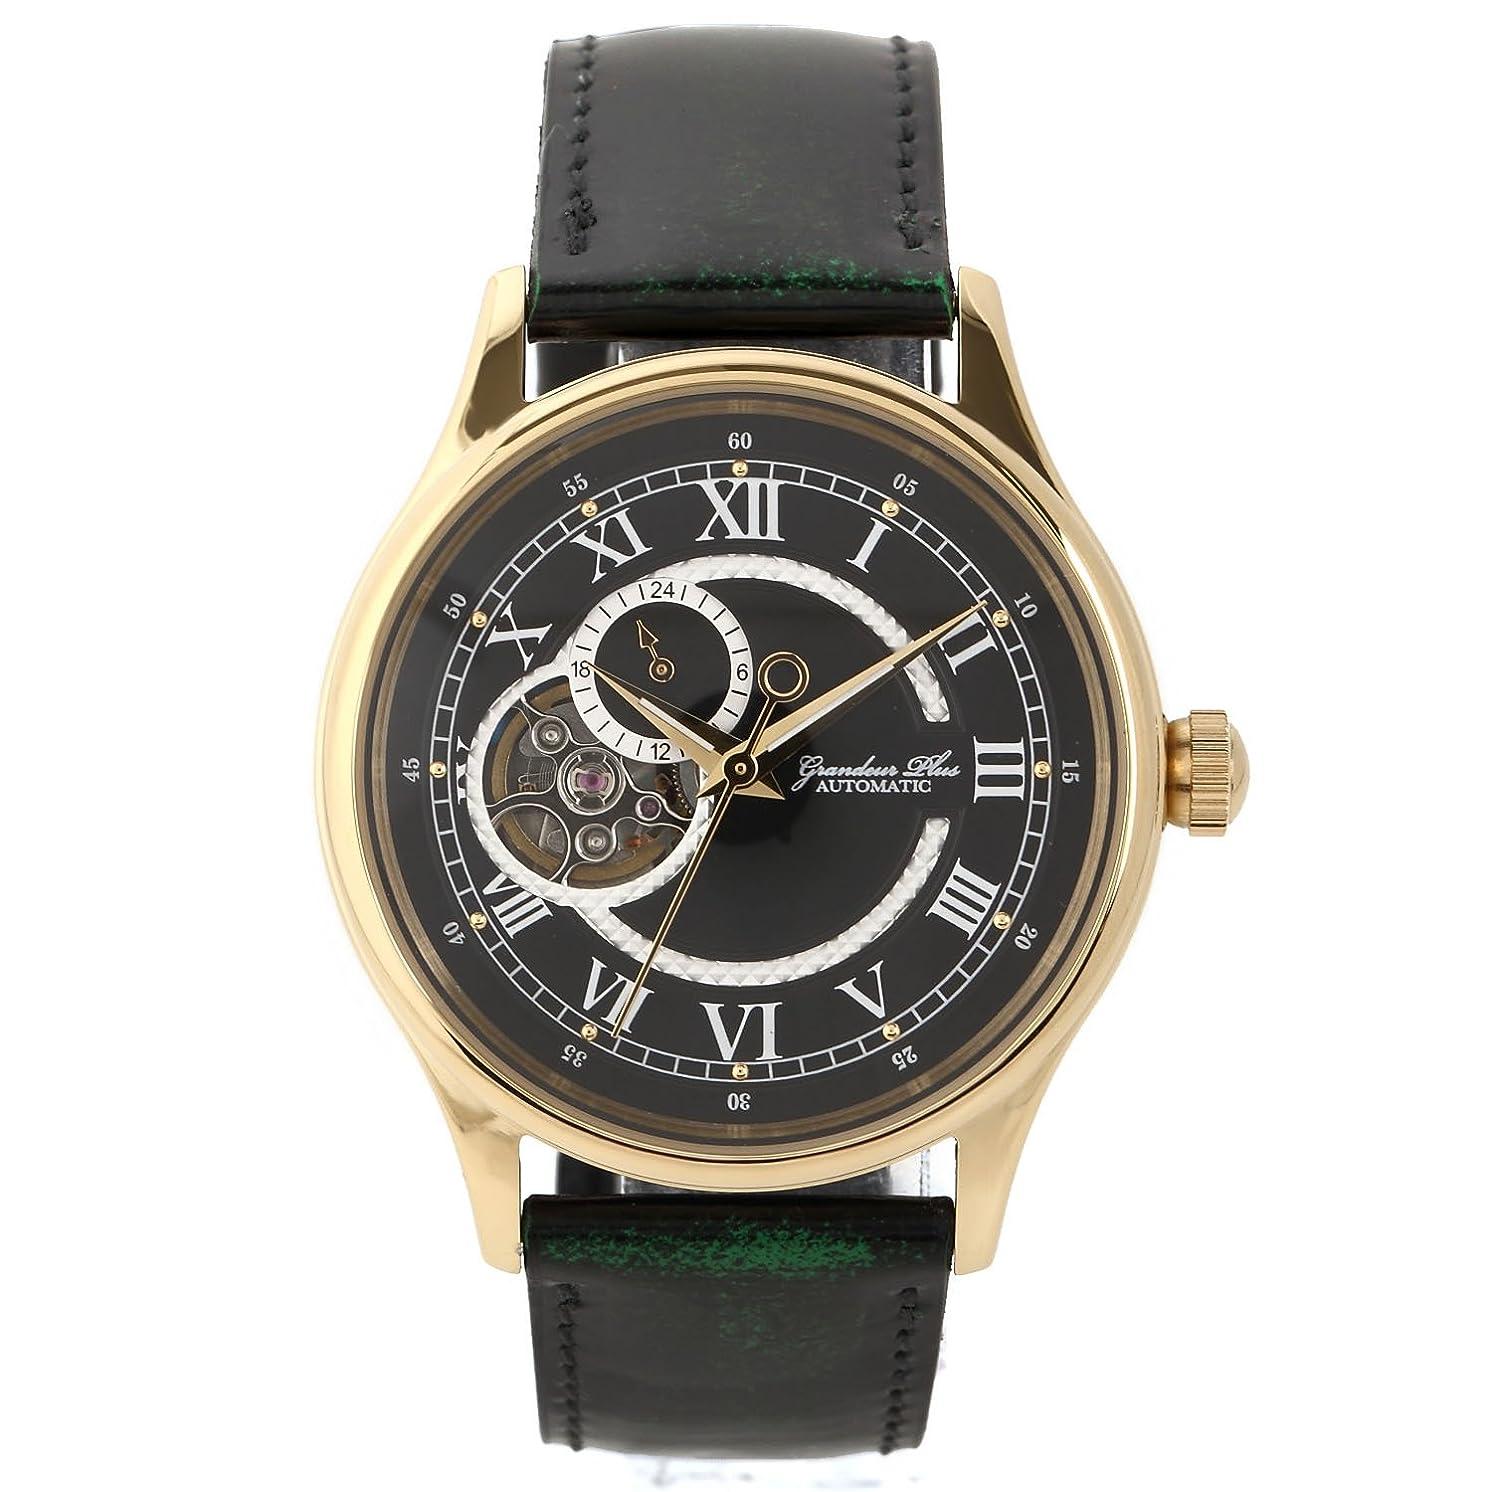 のり管理者離れて[グランドールプラス] 腕時計 GRSNDEUR PLUS+ 自動巻きシリーズ GRP013G1 メンズ グリーン